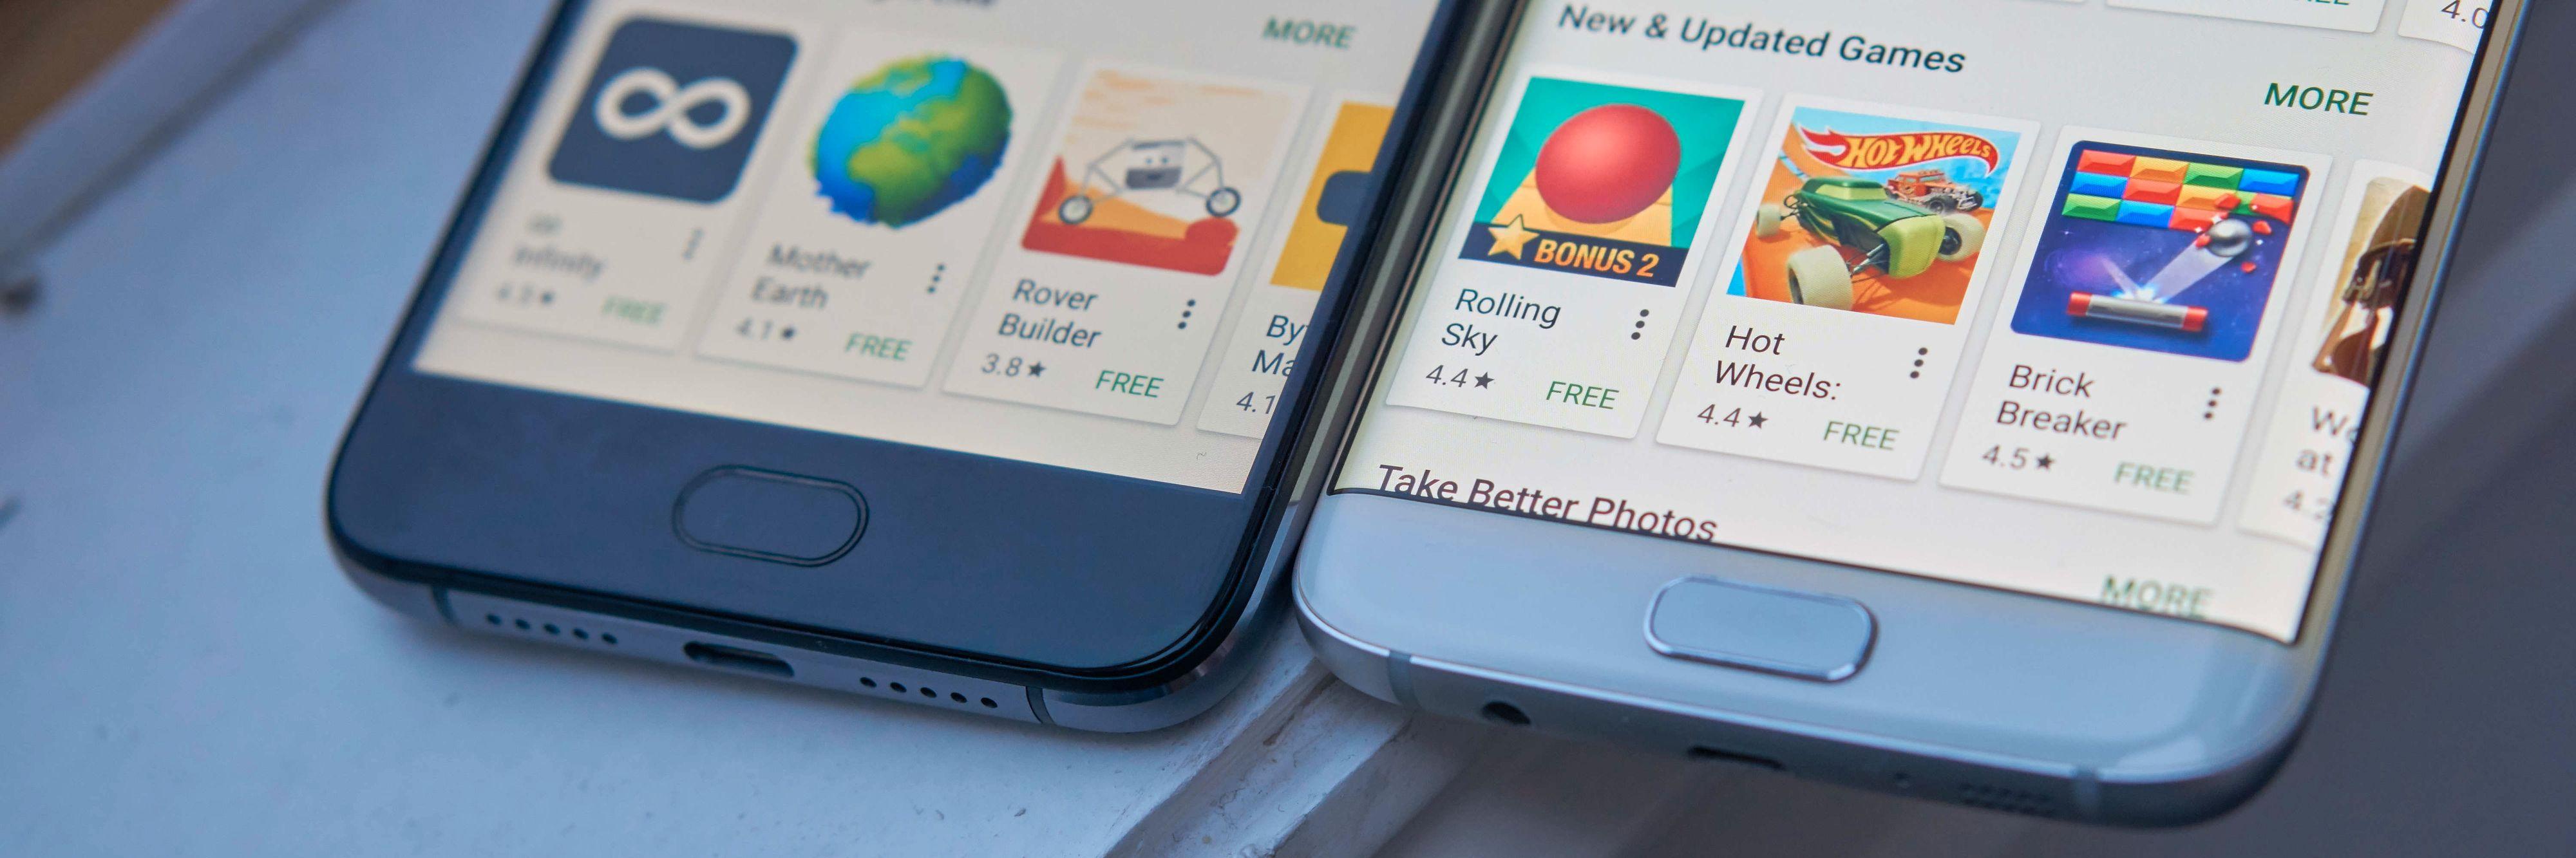 UMI Plus er noe lengre enn Galaxy S7 Edge, selv om skjermen er like stor. Samsung har også et langt tyngre tilpasset system.